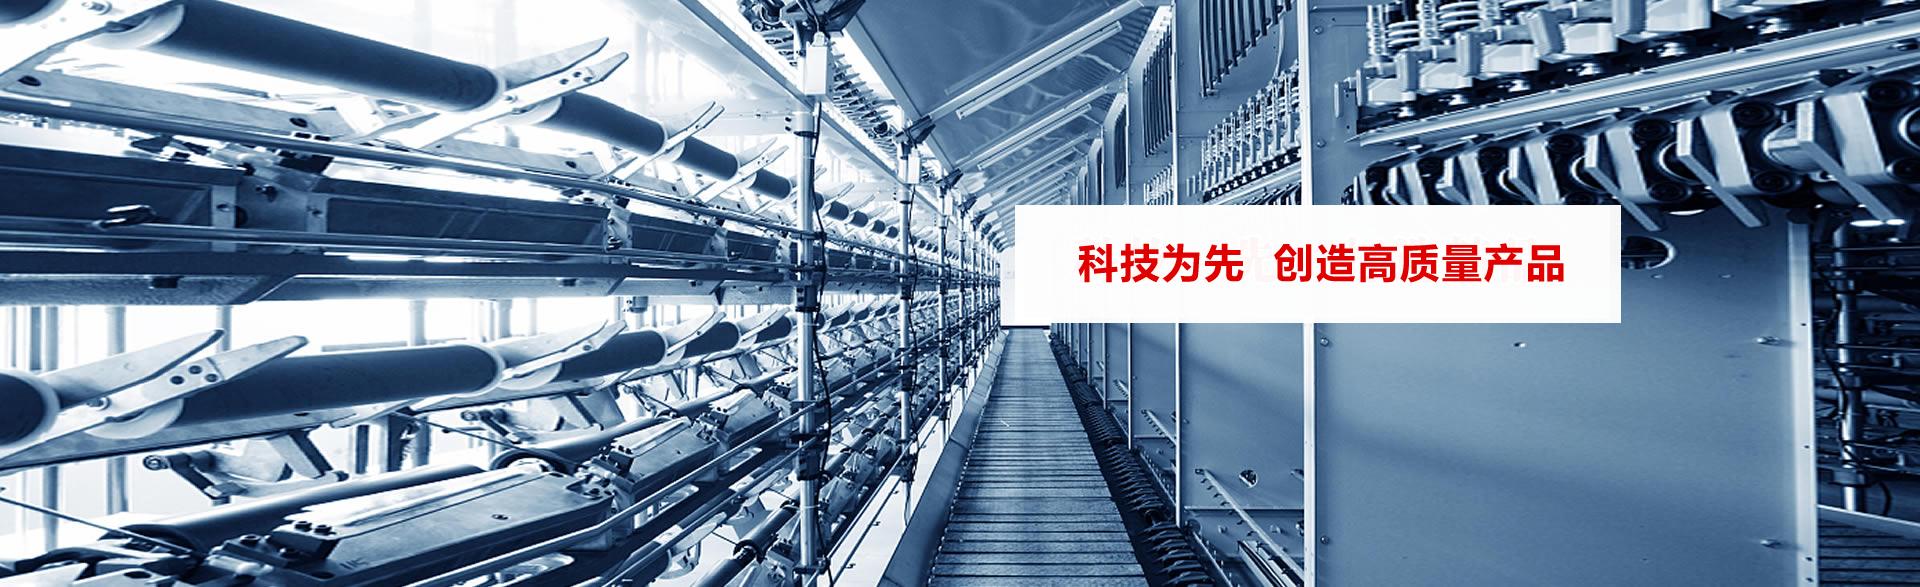 纺织钢领生产厂家